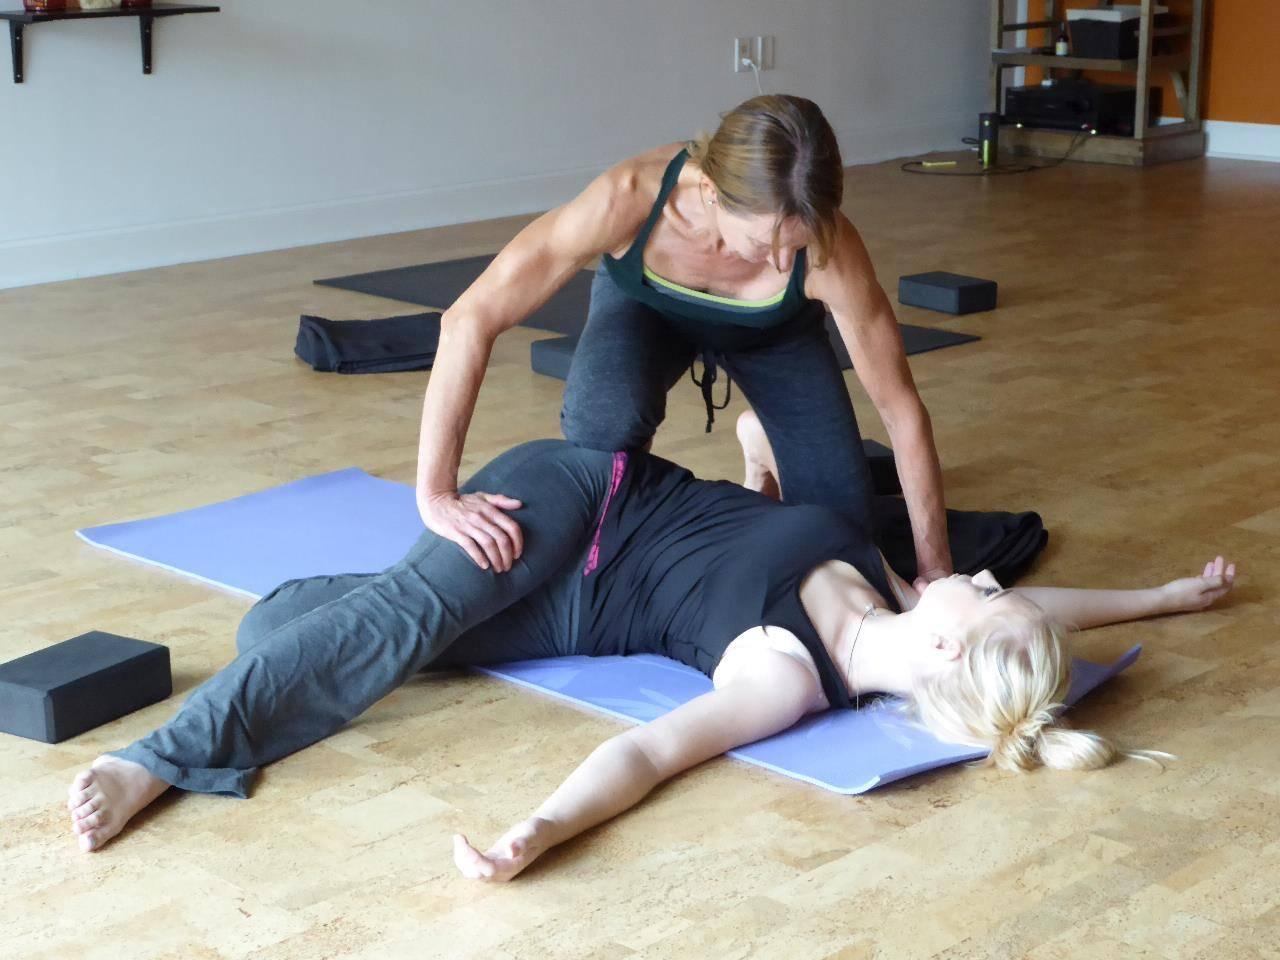 Йогатерапия: опорно-двигательный аппарат   федерация йоги россии – федерация йоги россии